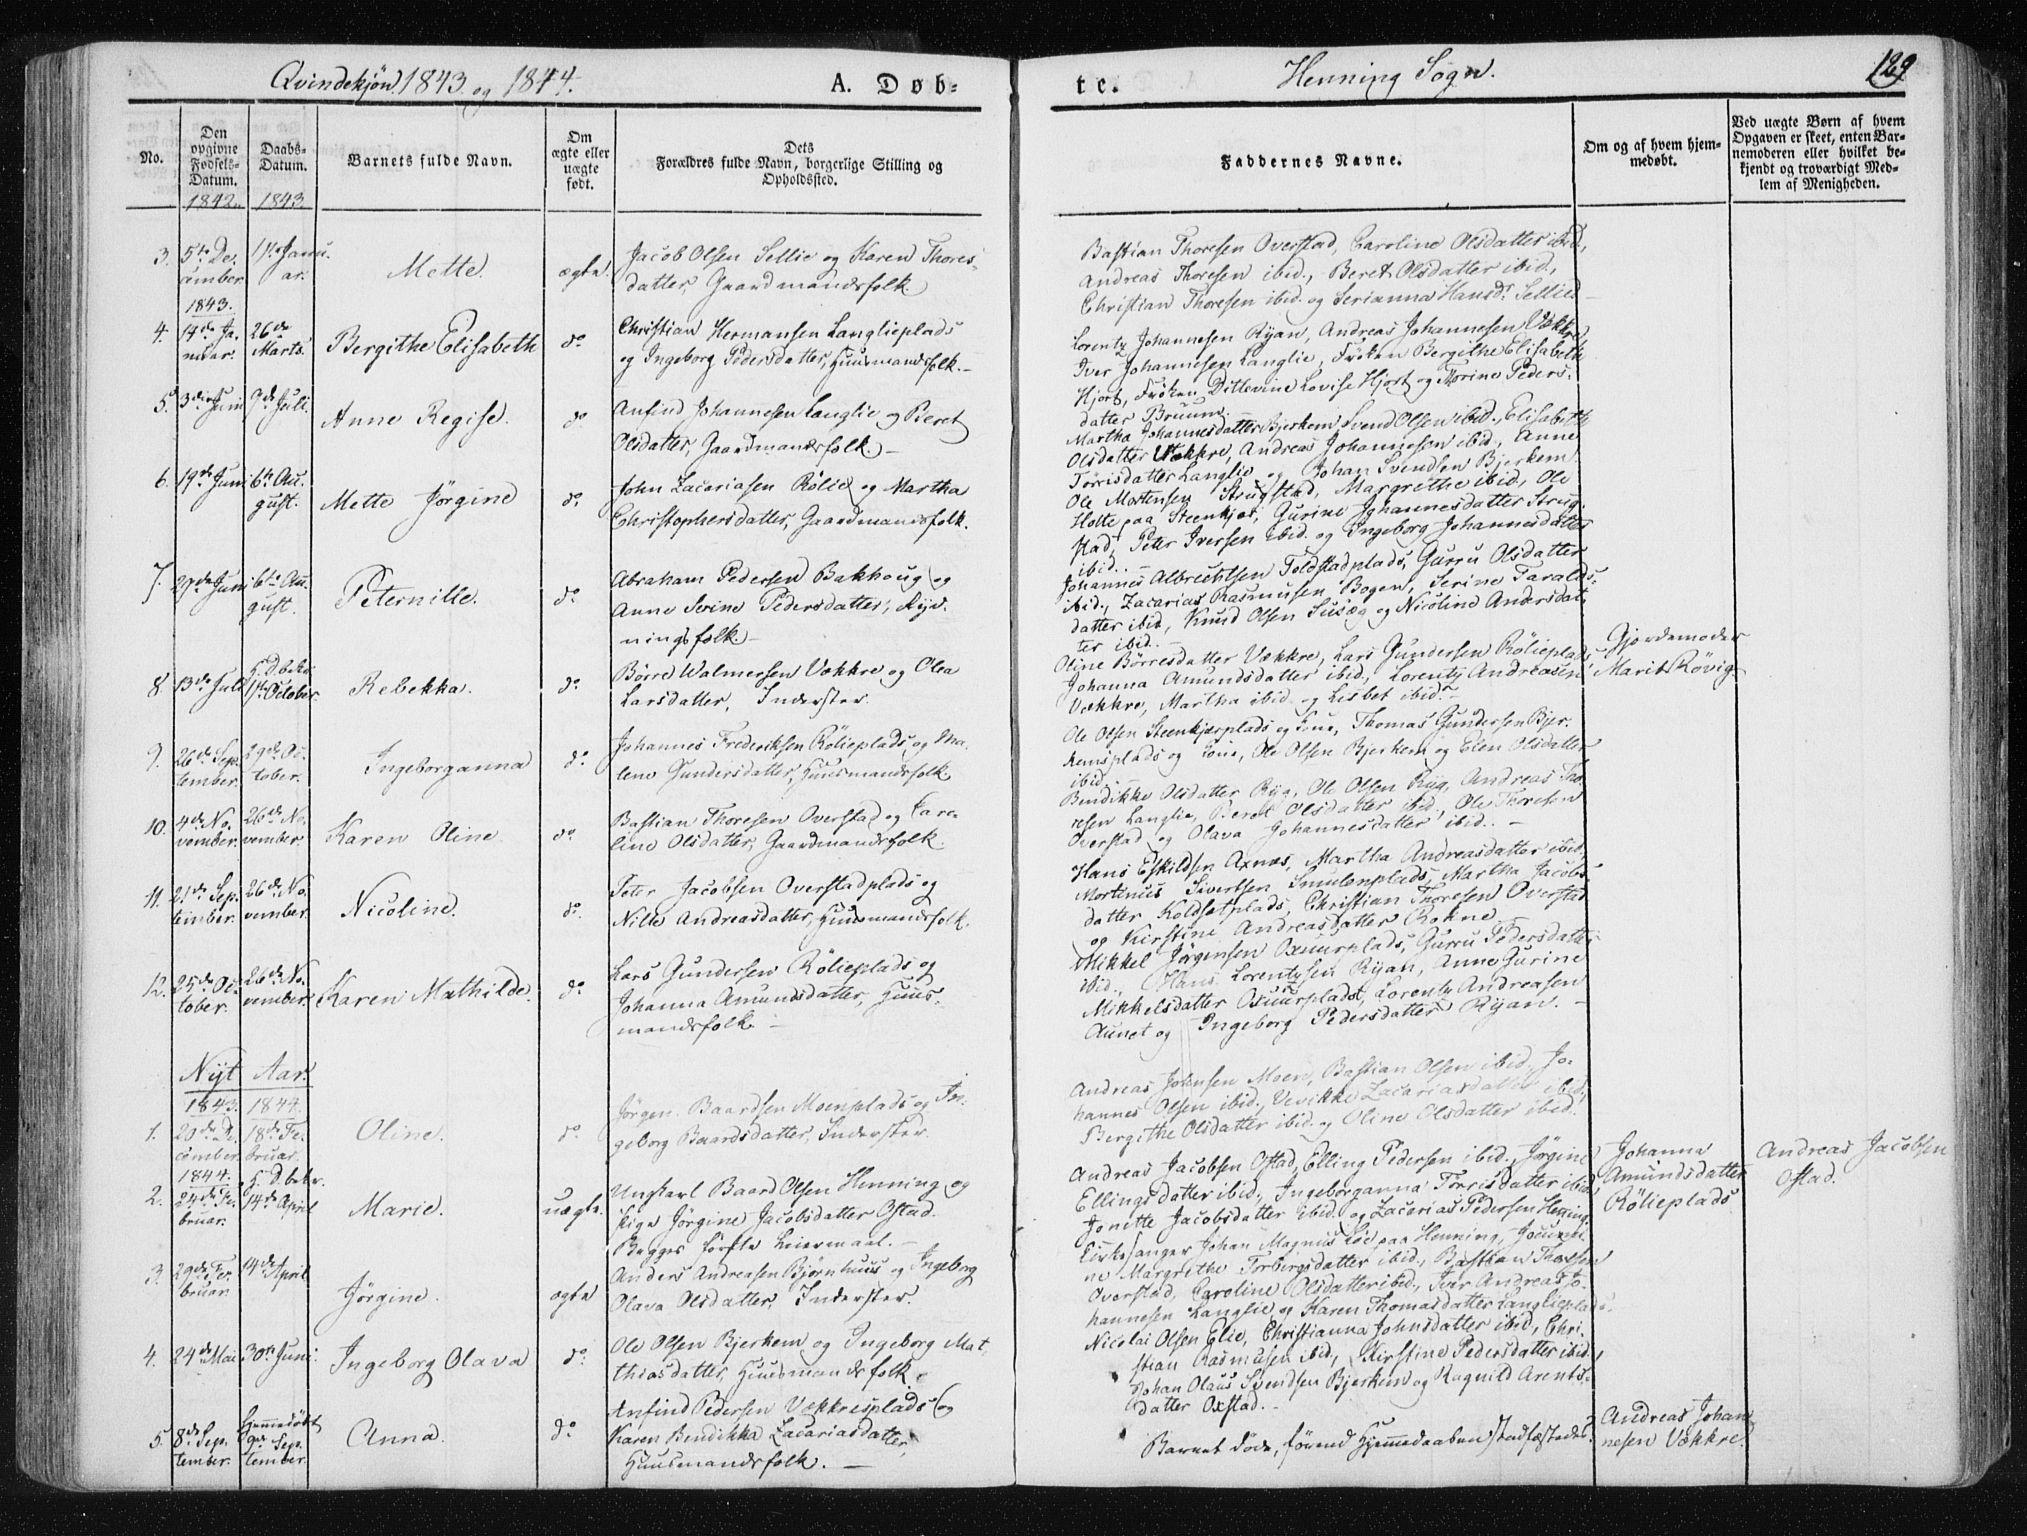 SAT, Ministerialprotokoller, klokkerbøker og fødselsregistre - Nord-Trøndelag, 735/L0339: Ministerialbok nr. 735A06 /3, 1836-1848, s. 129